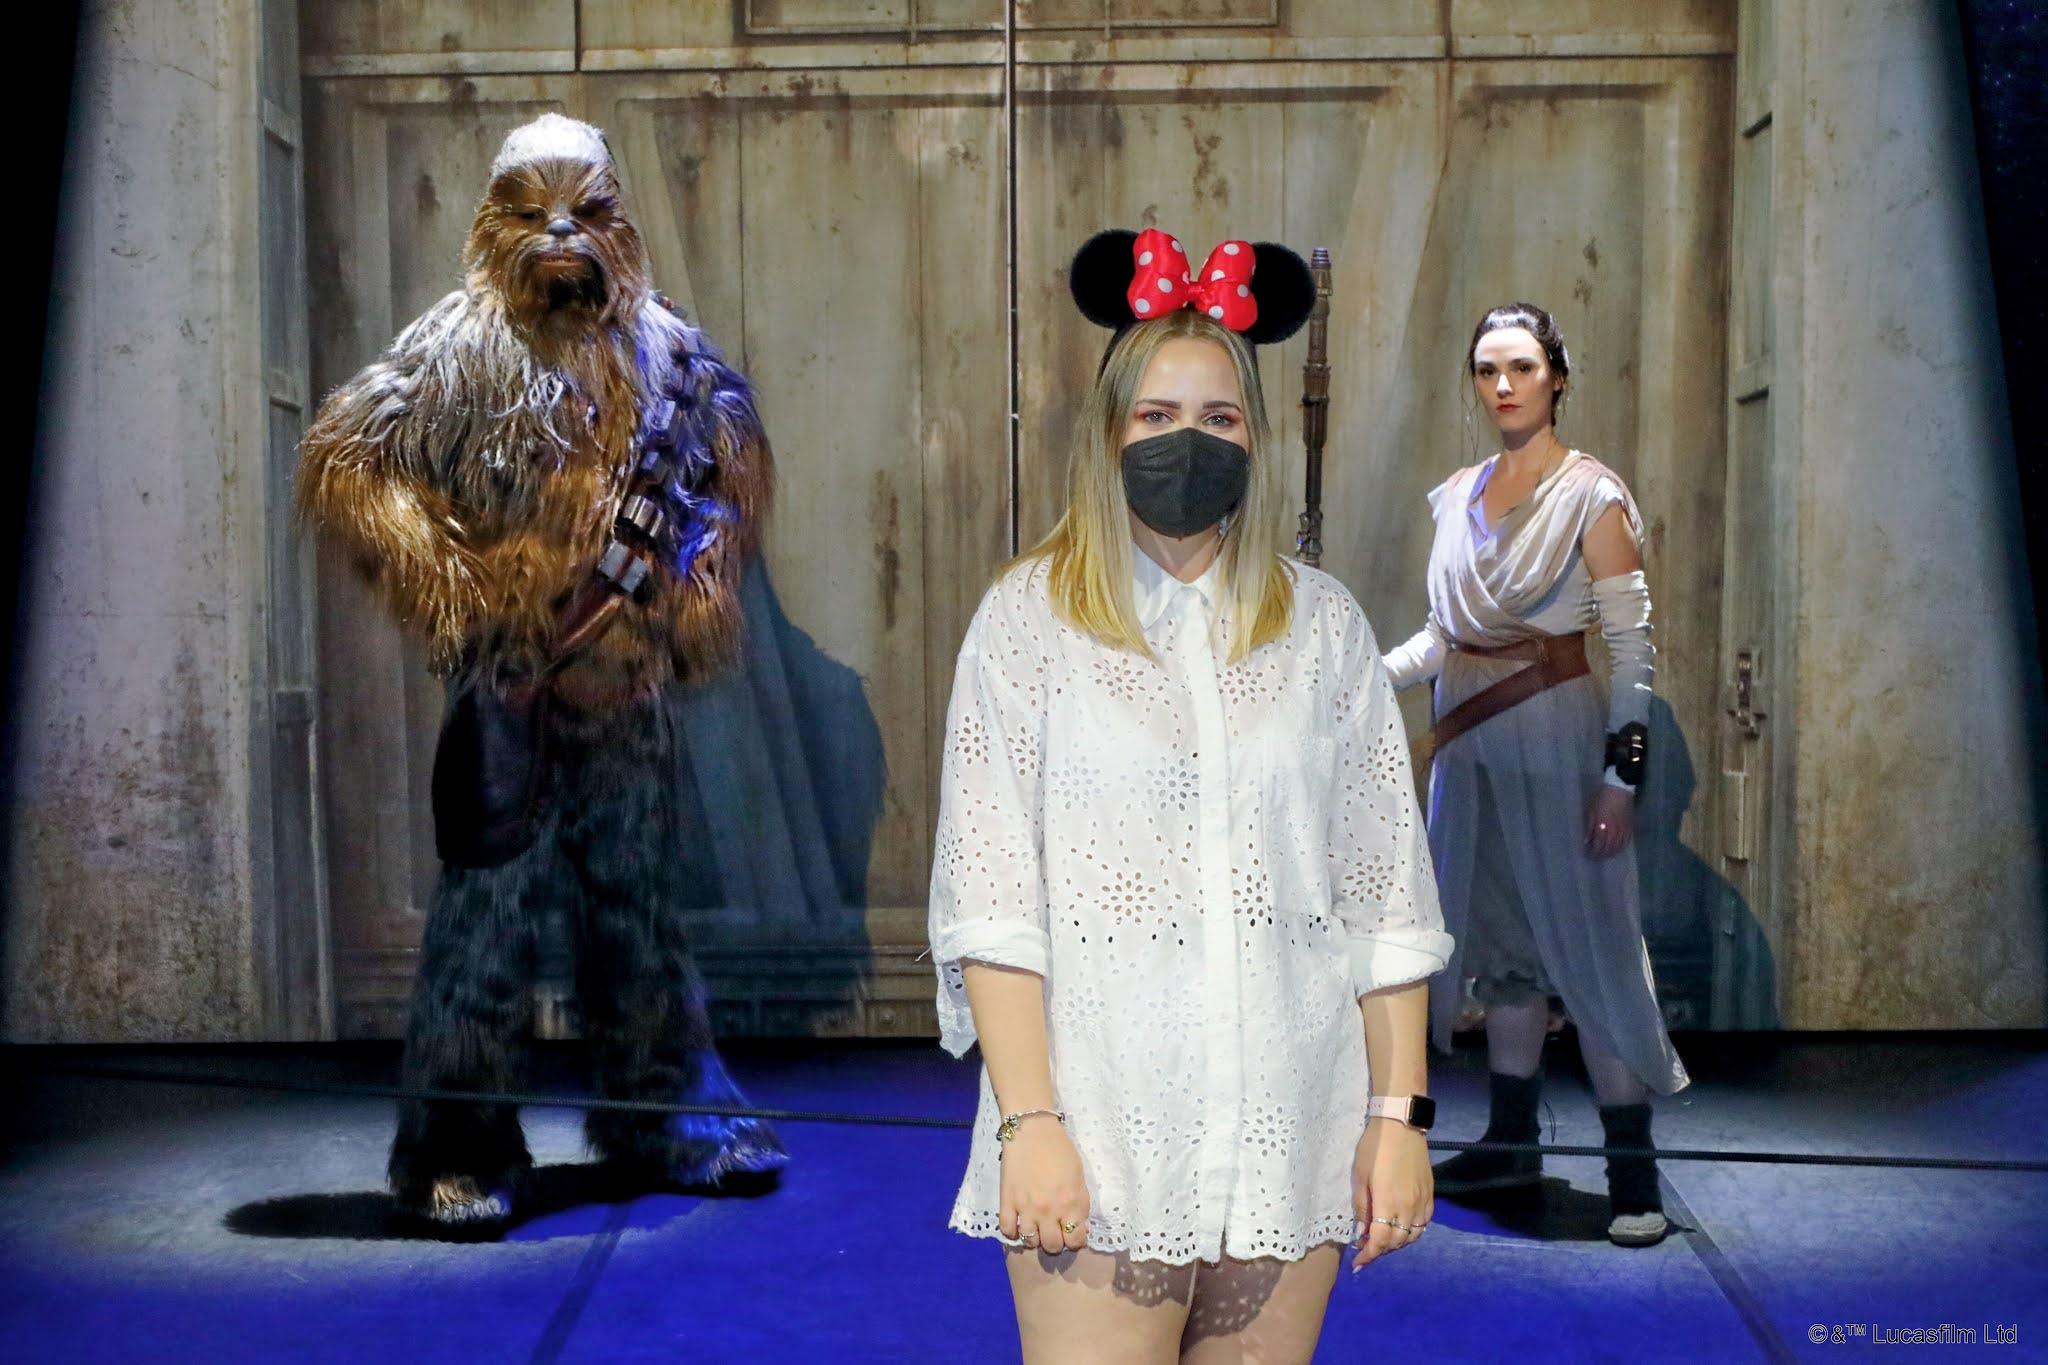 Meet Chewbacca y Rey Disneyland Paris